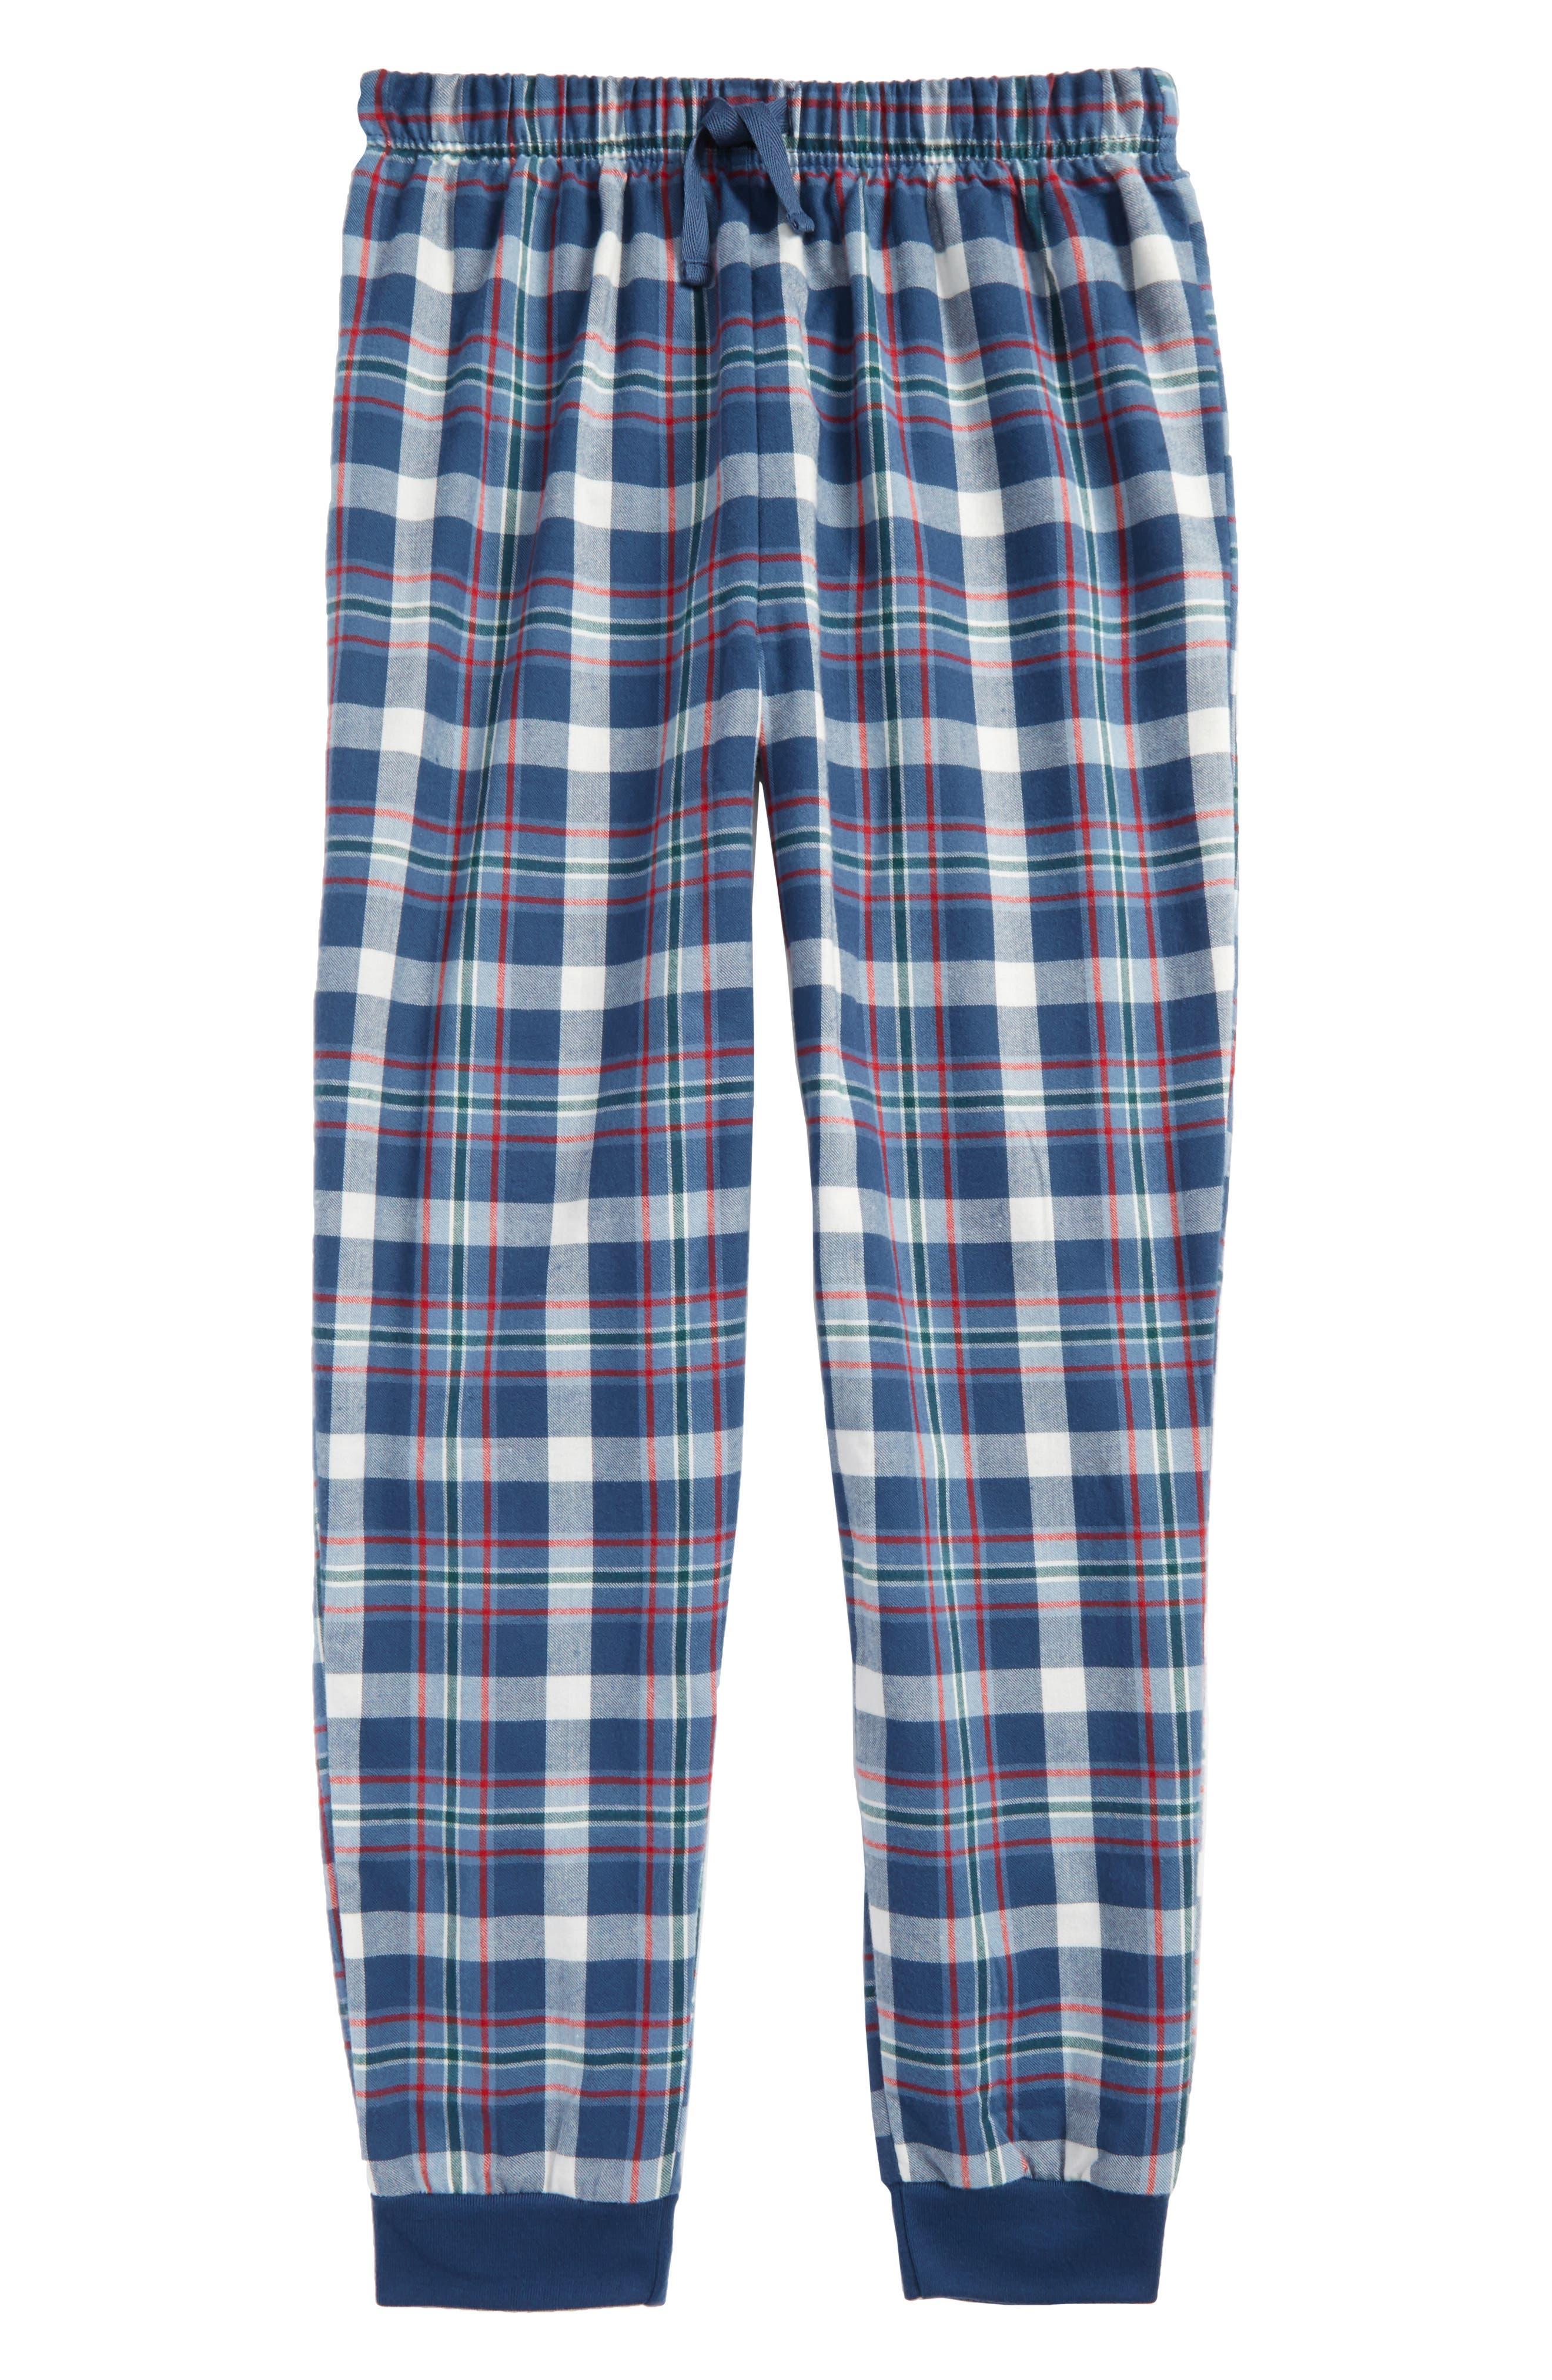 Flannel Jogger Pants,                             Main thumbnail 1, color,                             Navy Denim- Blue